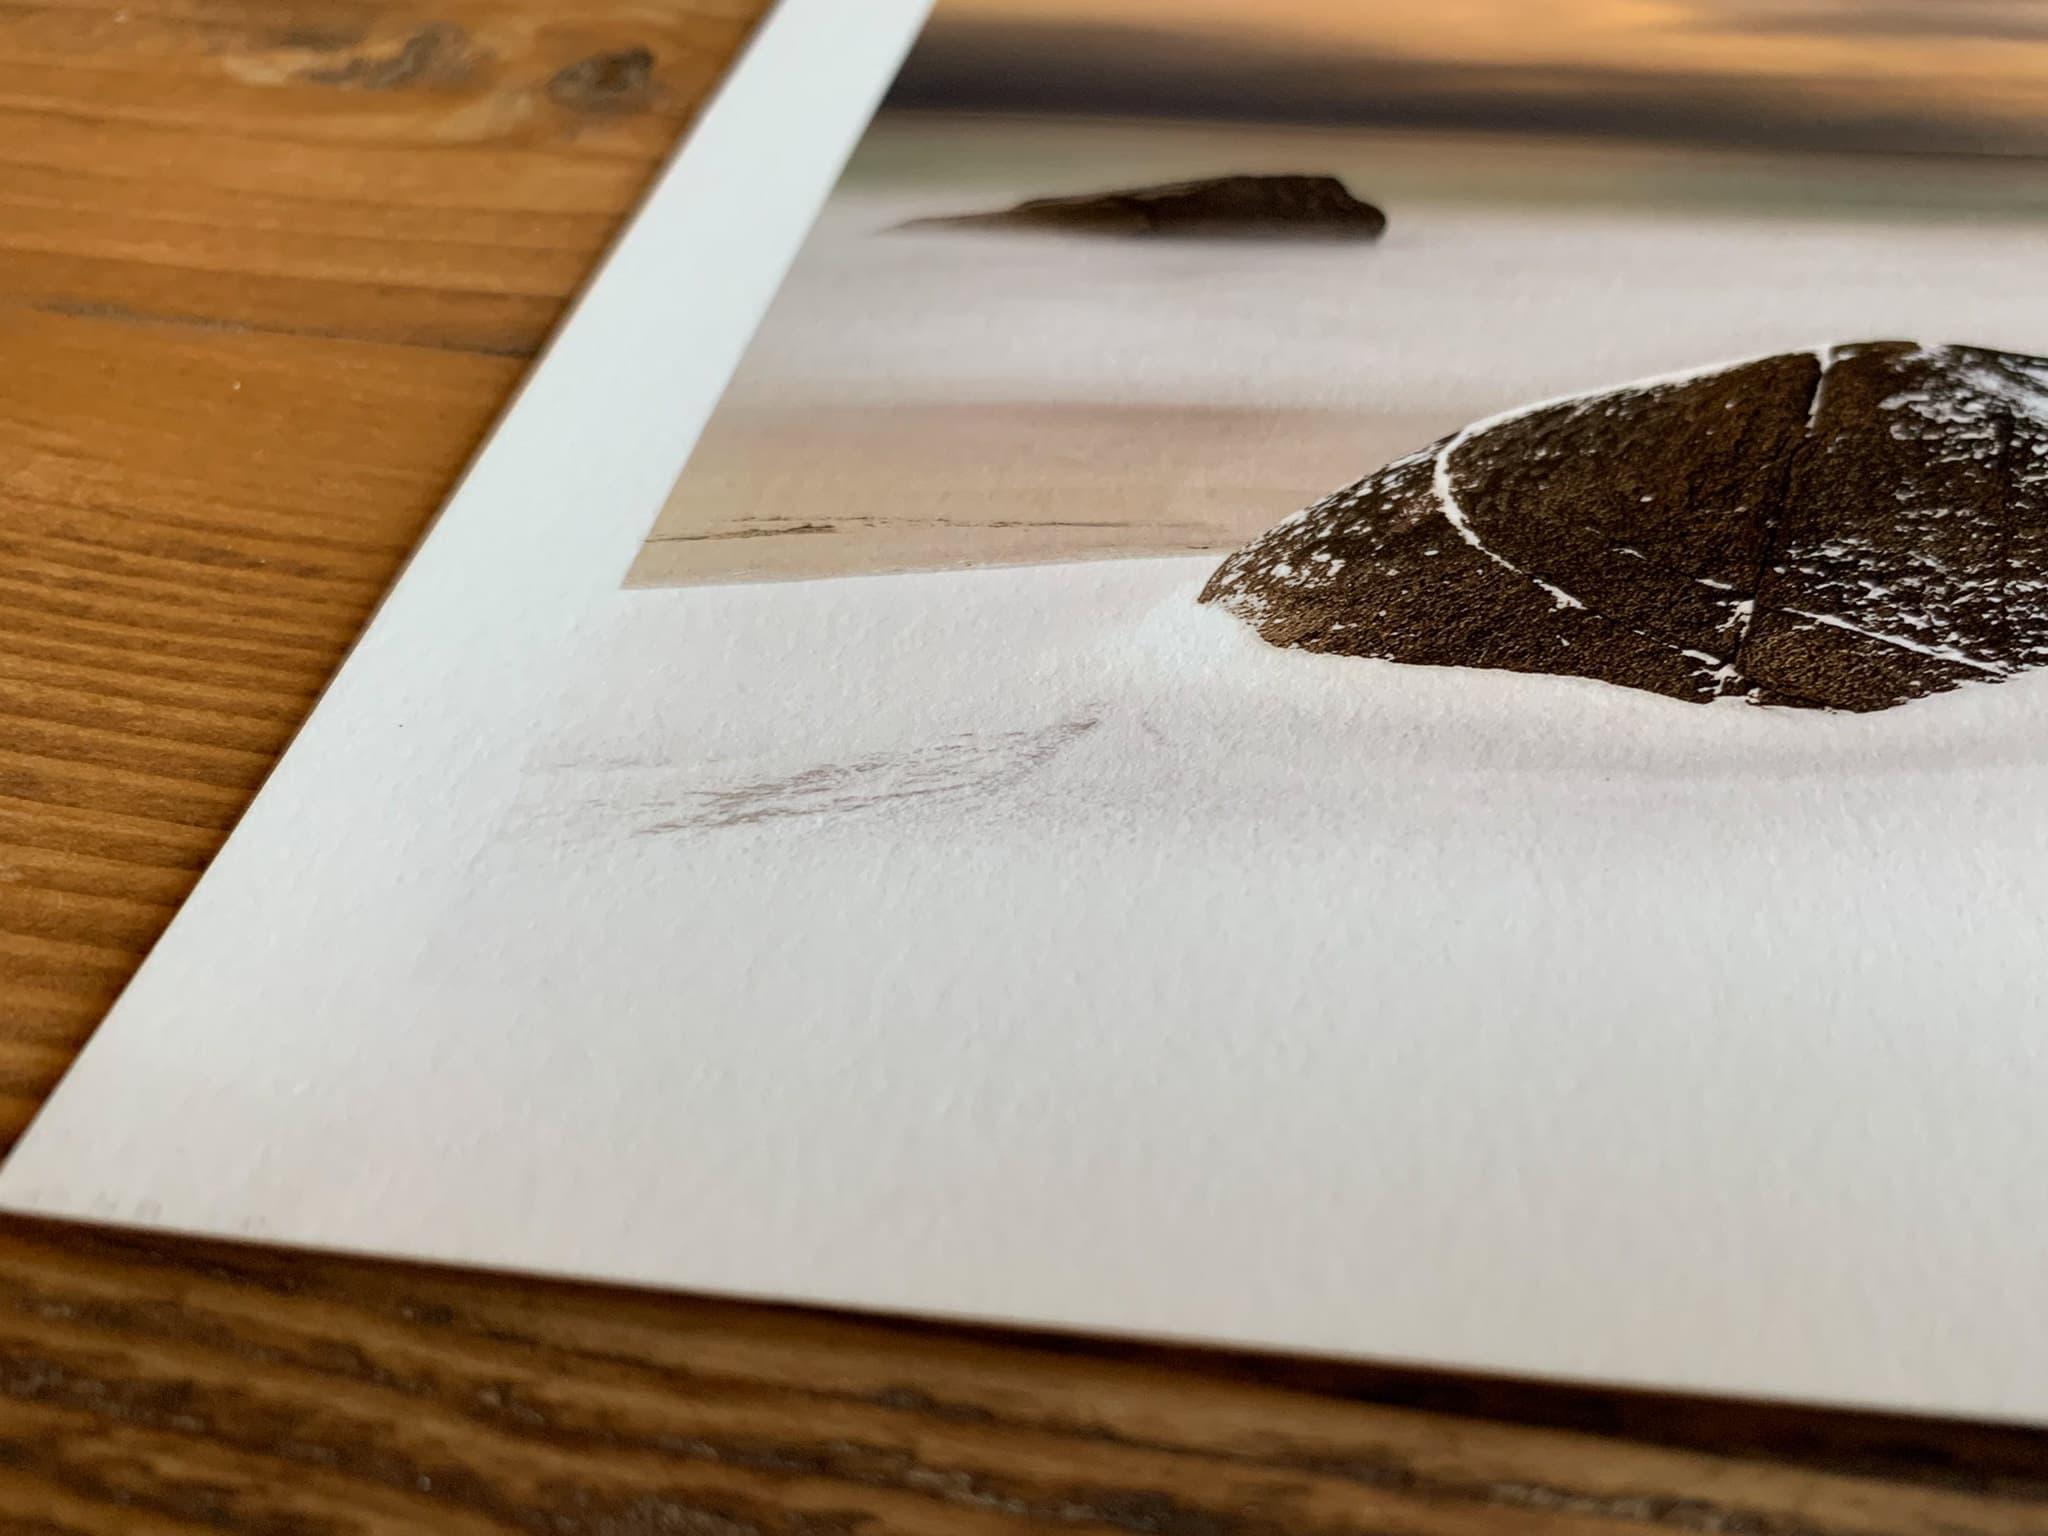 14 Francesco Gola Seascape Long Exposure Photography Review Best Fine Art Paper Hahnemuhle Hahnemühle